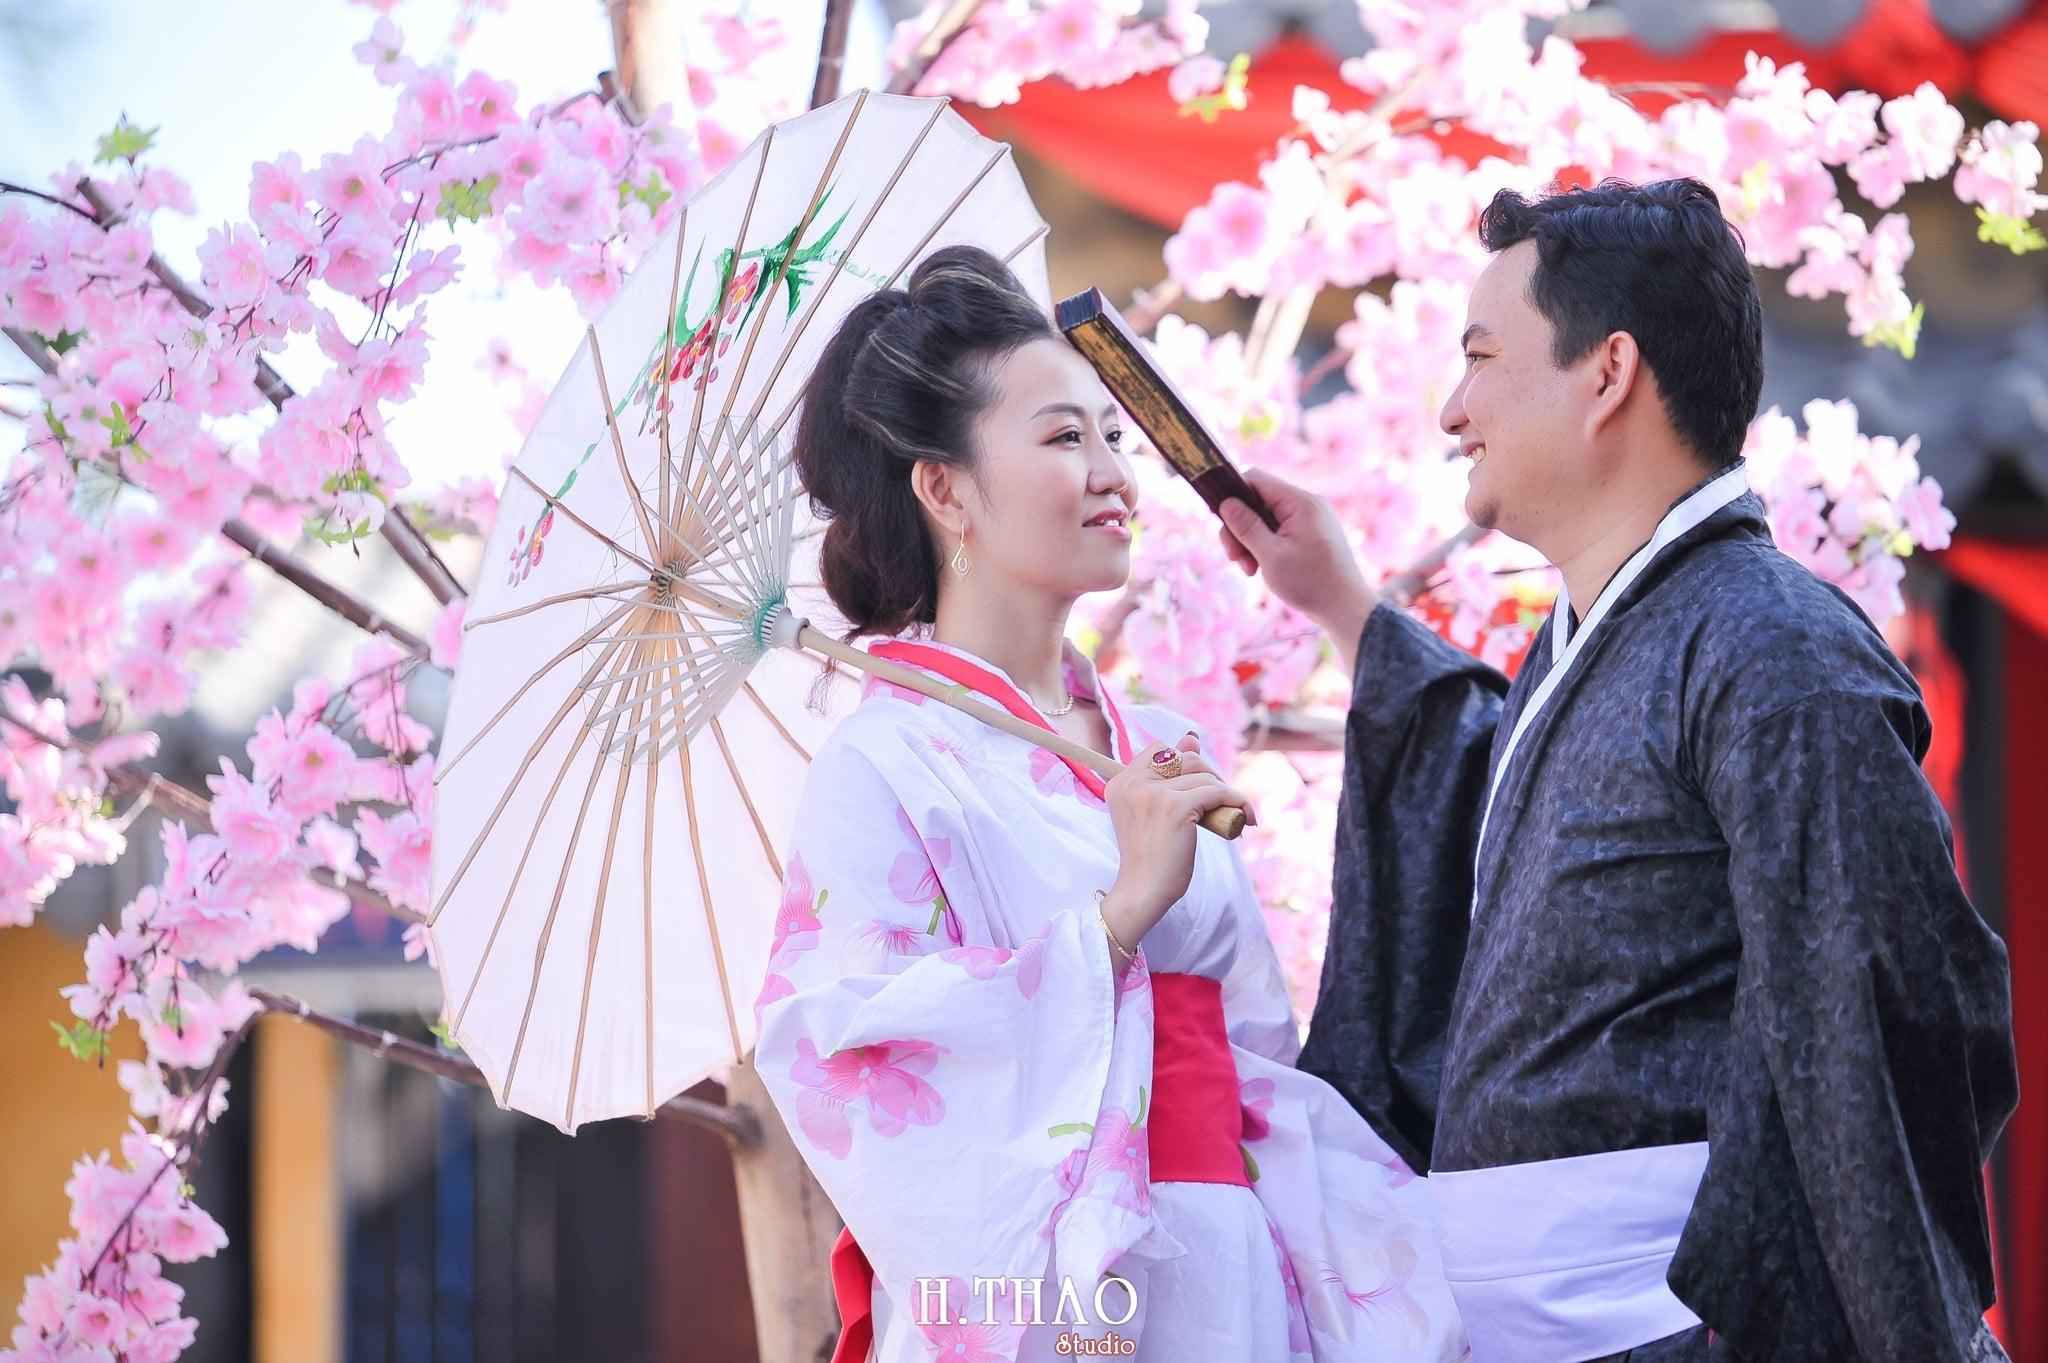 Anh chup voi Kimono 7 - Studio chụp ảnh Cổ trang trung quốc đẹp độc lạ ở Tp.HCM